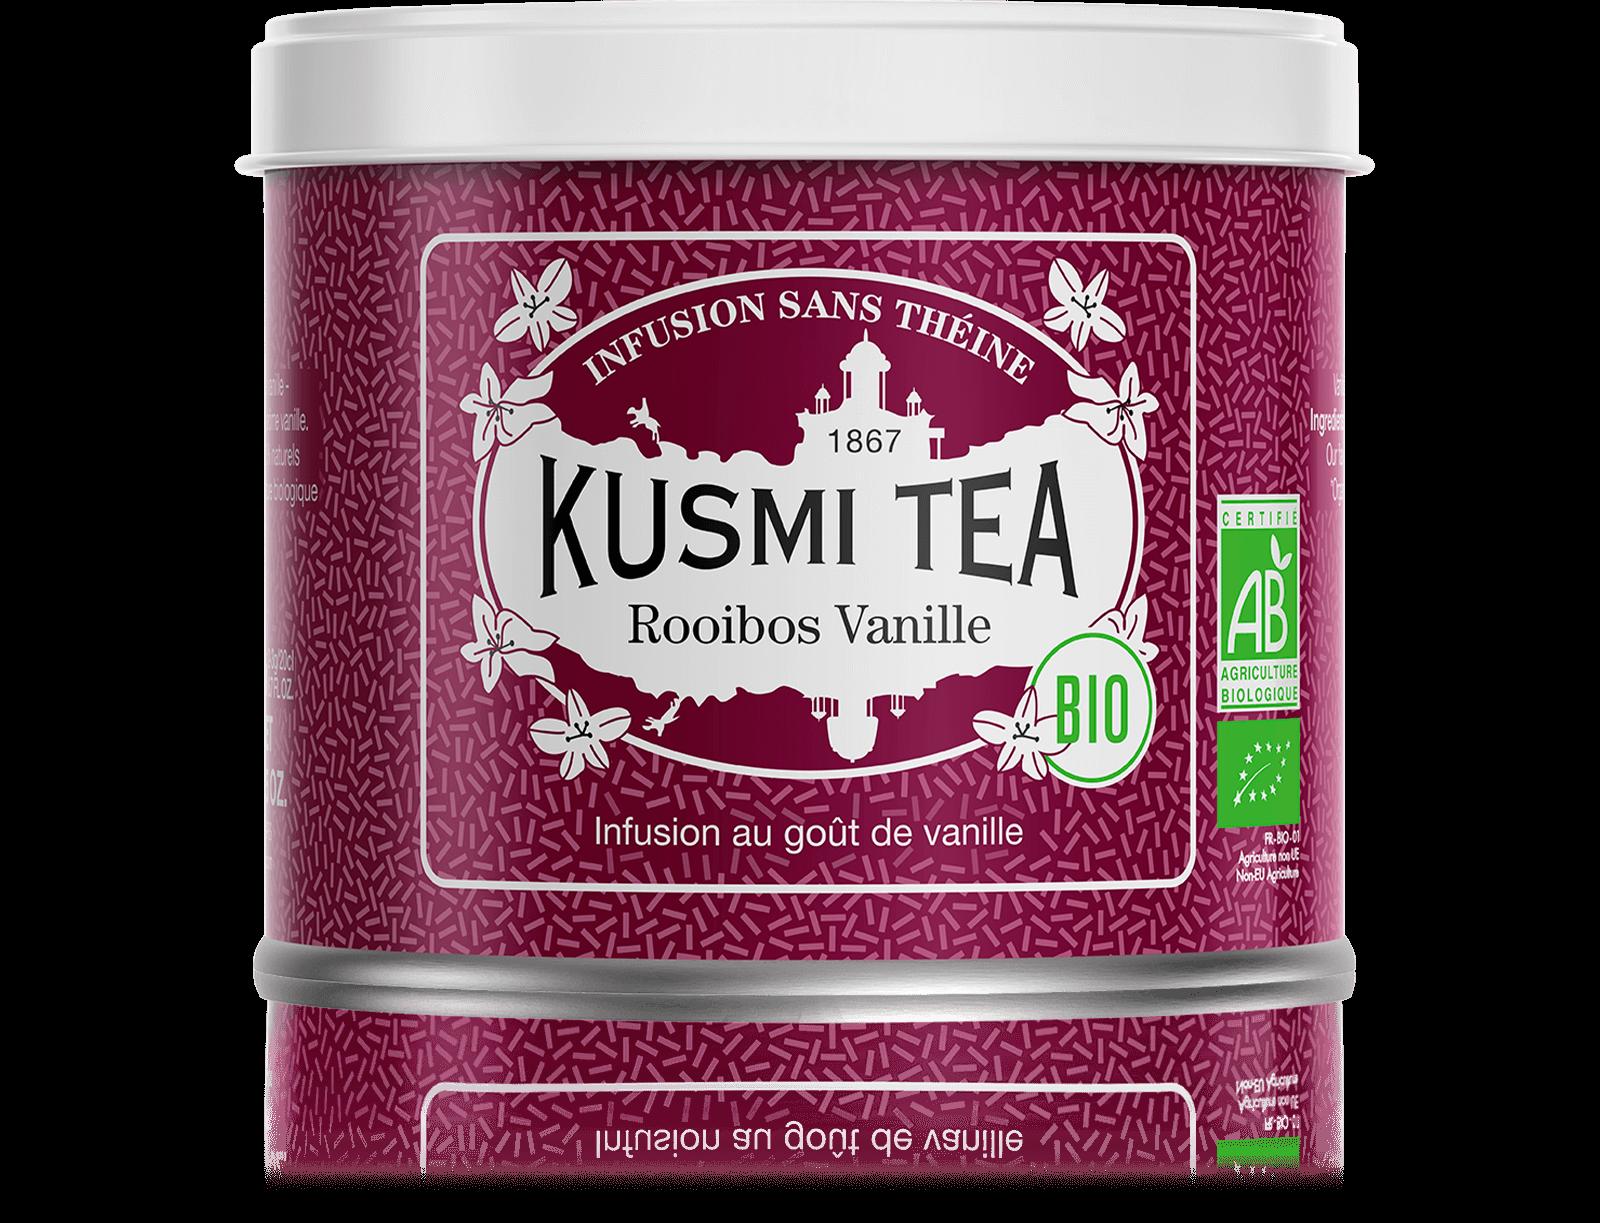 Rooibos Vanille Infusion bio - Infusion au goût de vanille - Boite à thé en vrac - Kusmi Tea